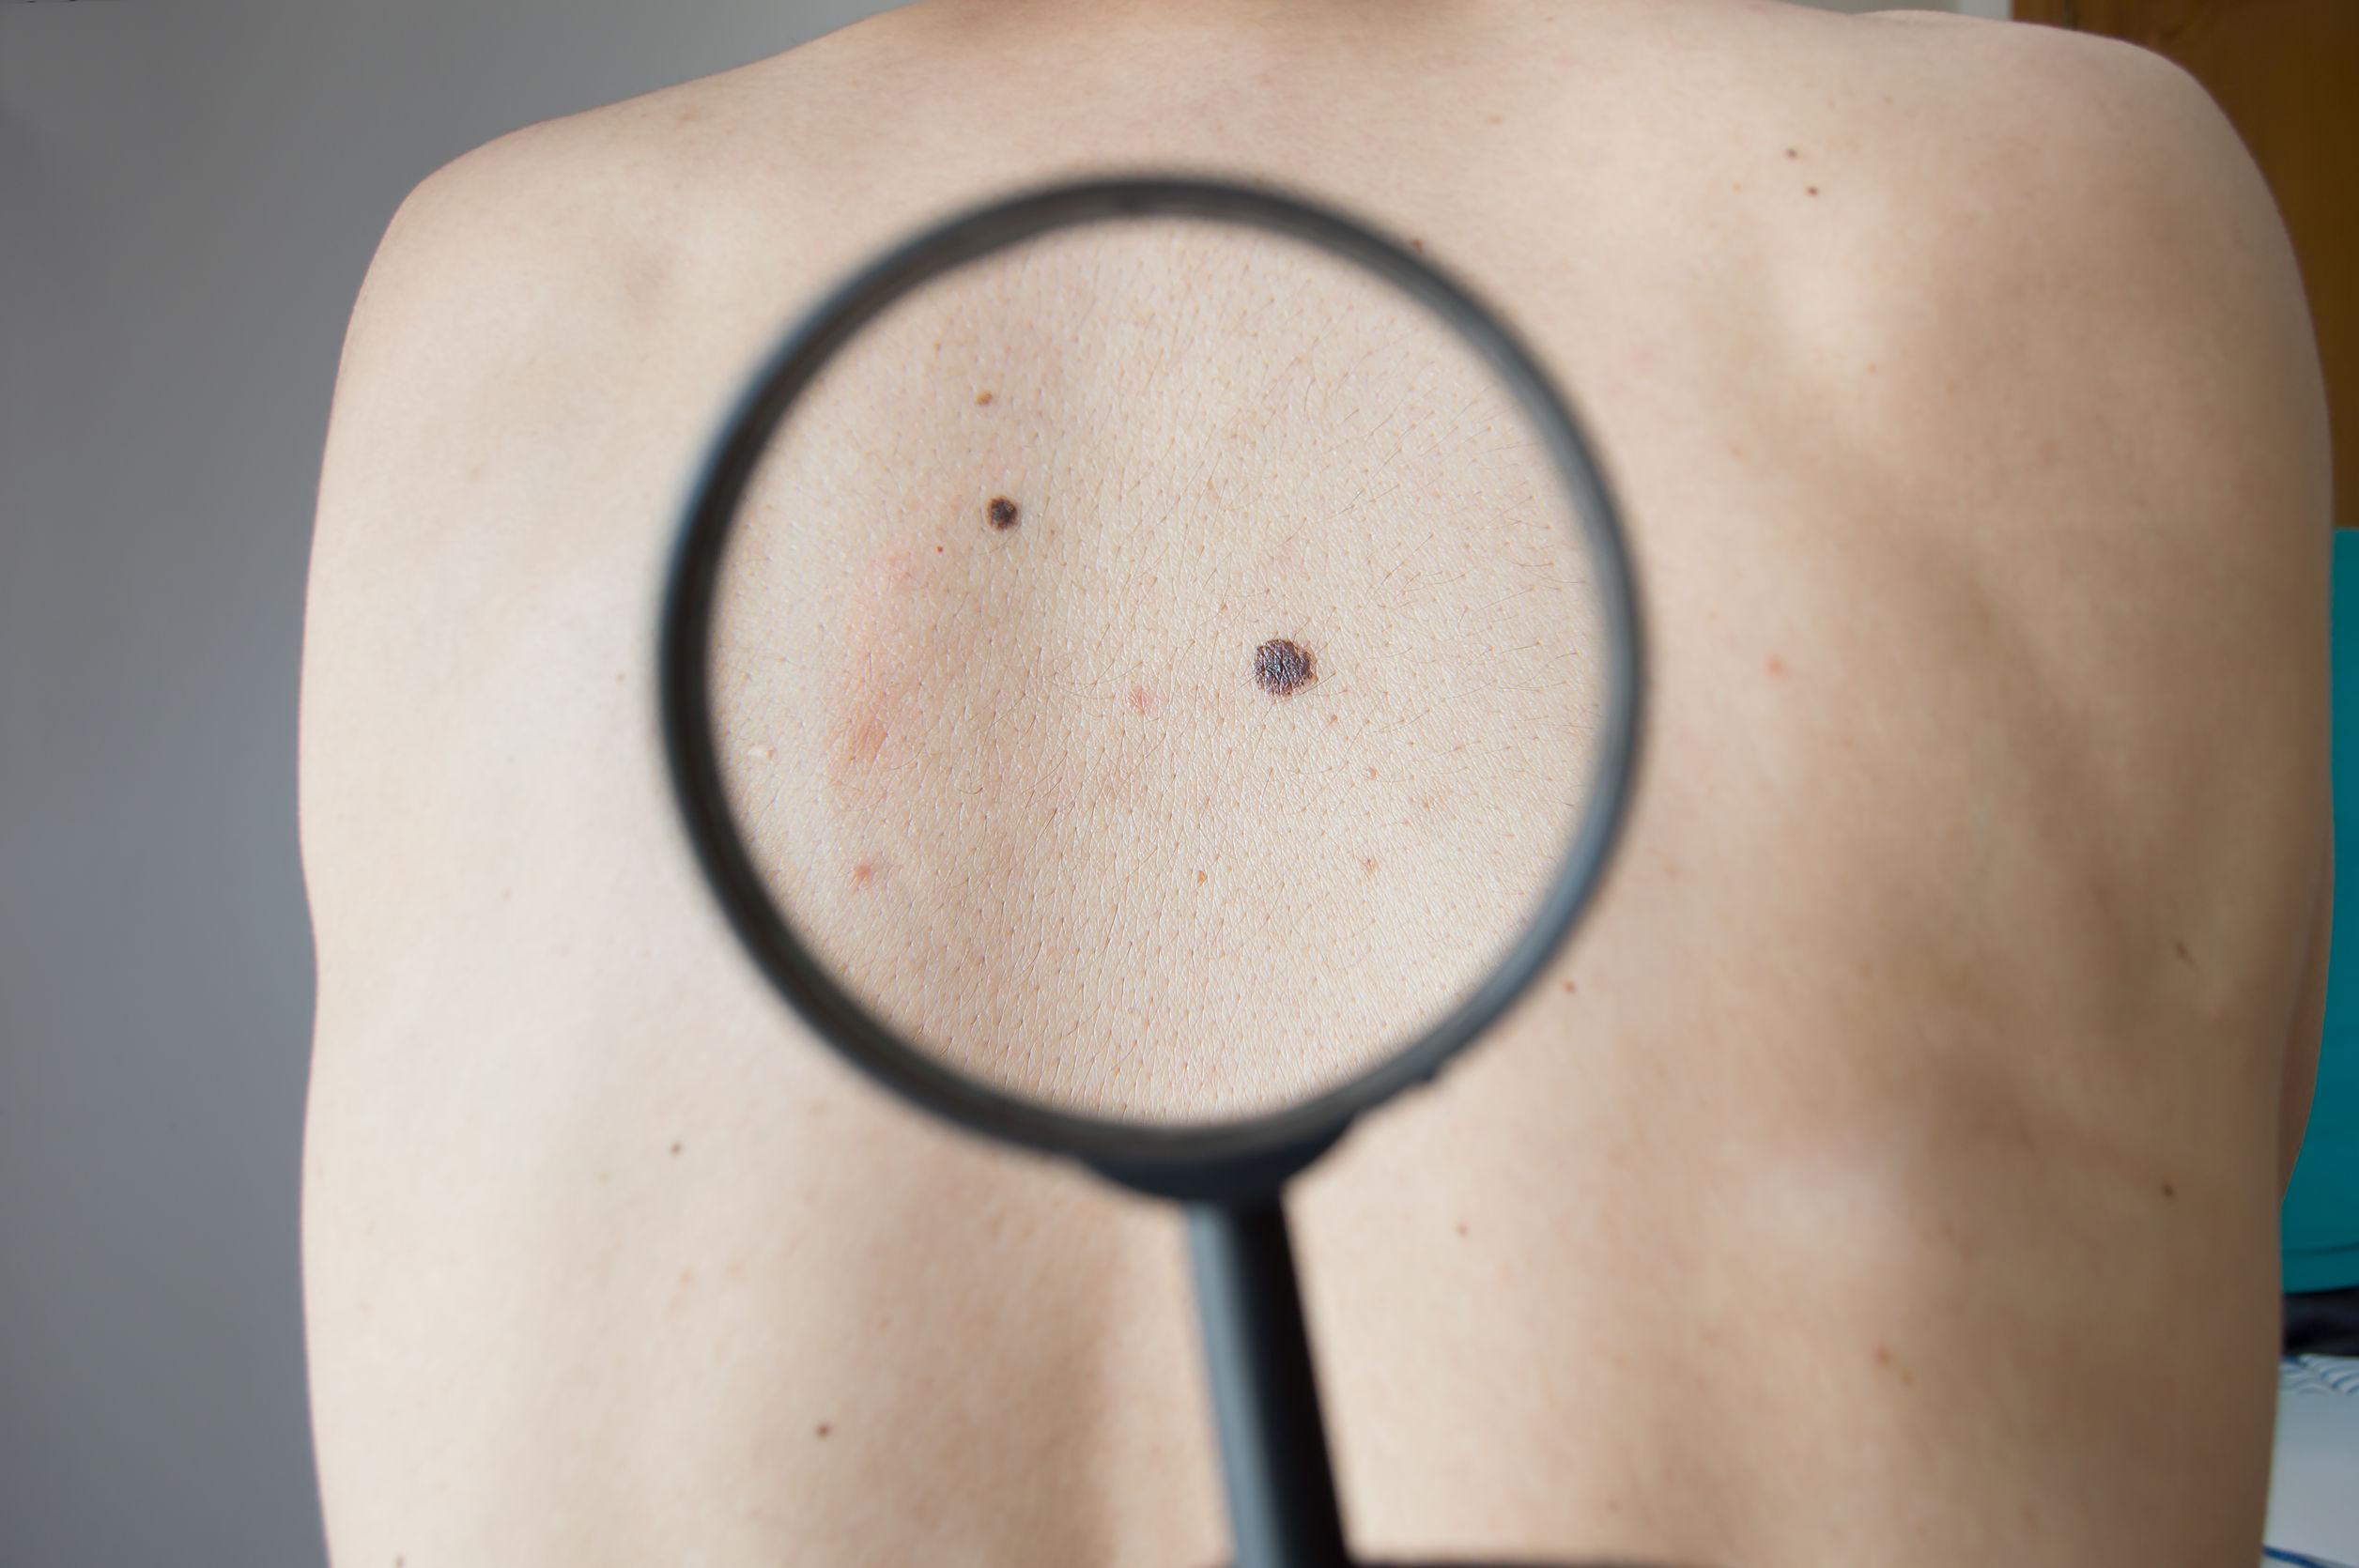 Saiba mais sobre o tratamento e a prevenção do câncer de pele e do melanoma